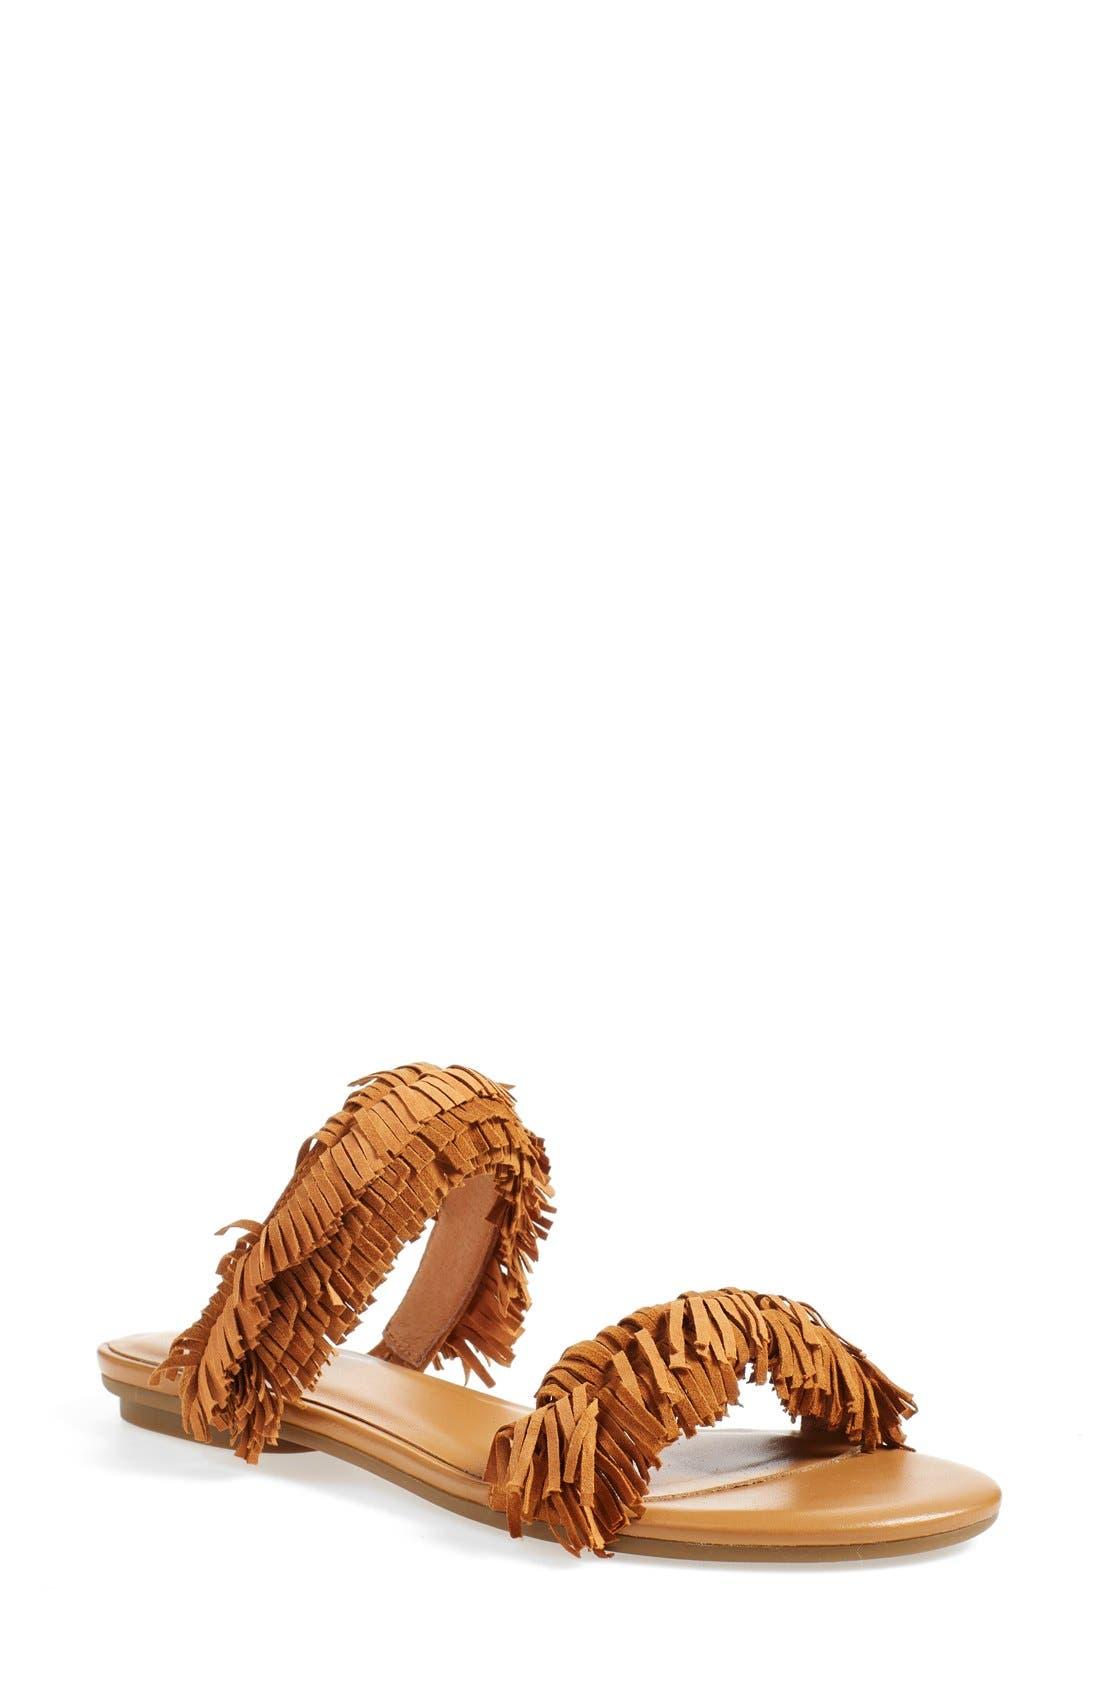 Main Image - Joie 'Pippa' Fringe Slide Sandal (Women)